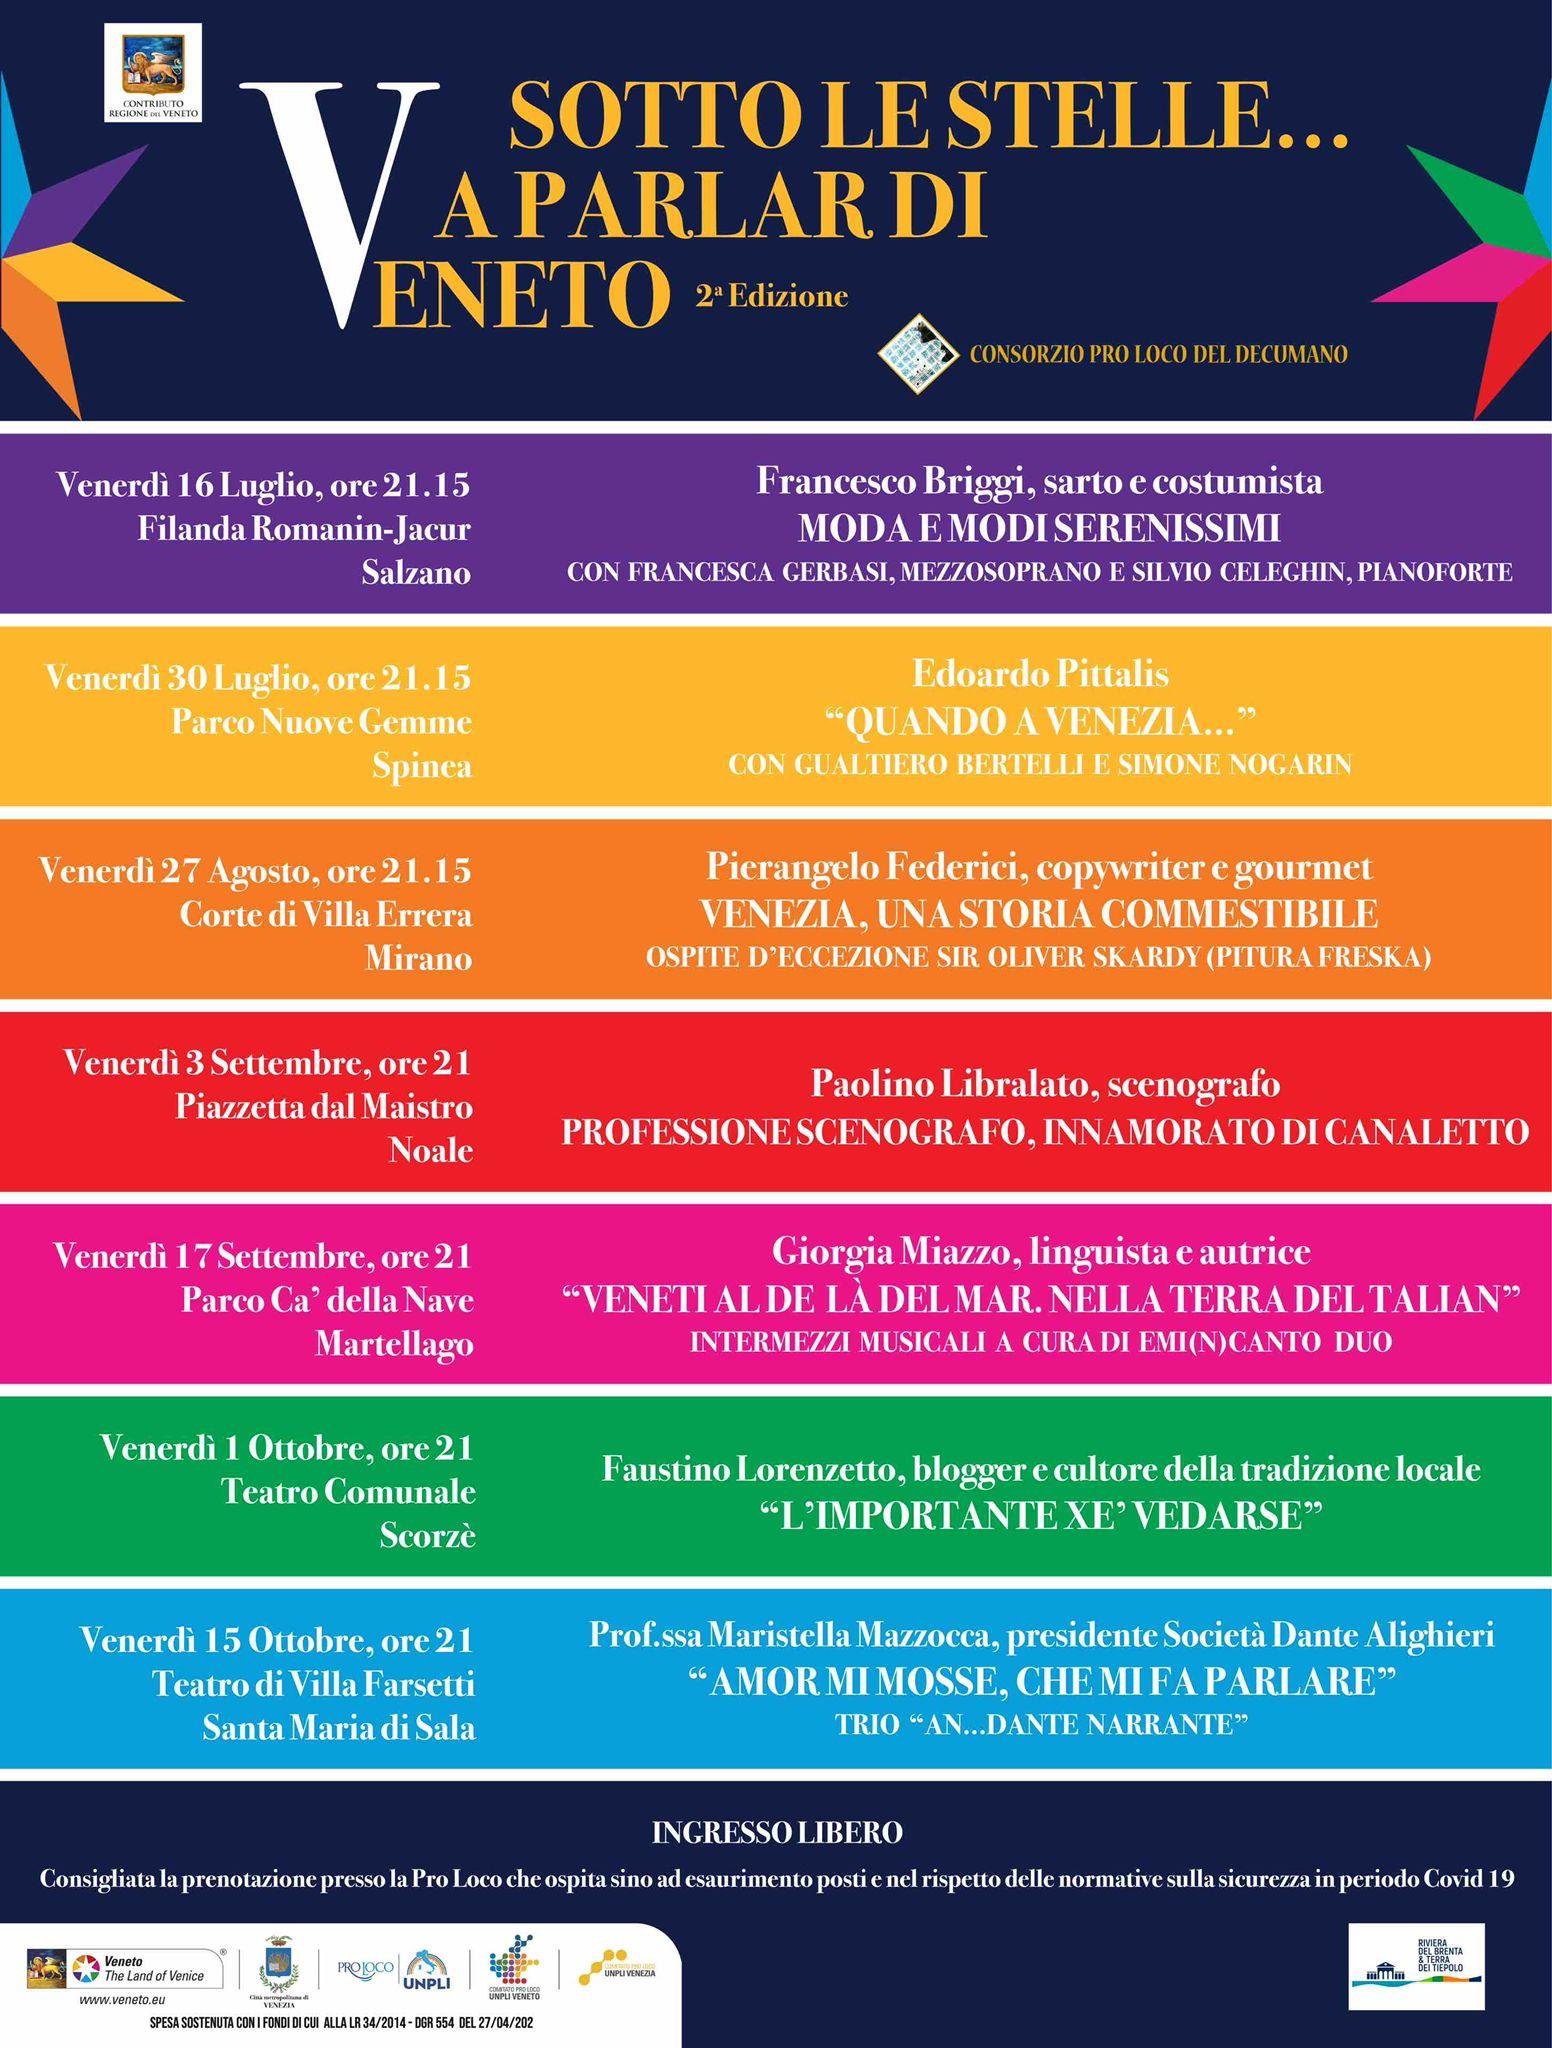 Sotto le stelle a parlar di Veneto 2021